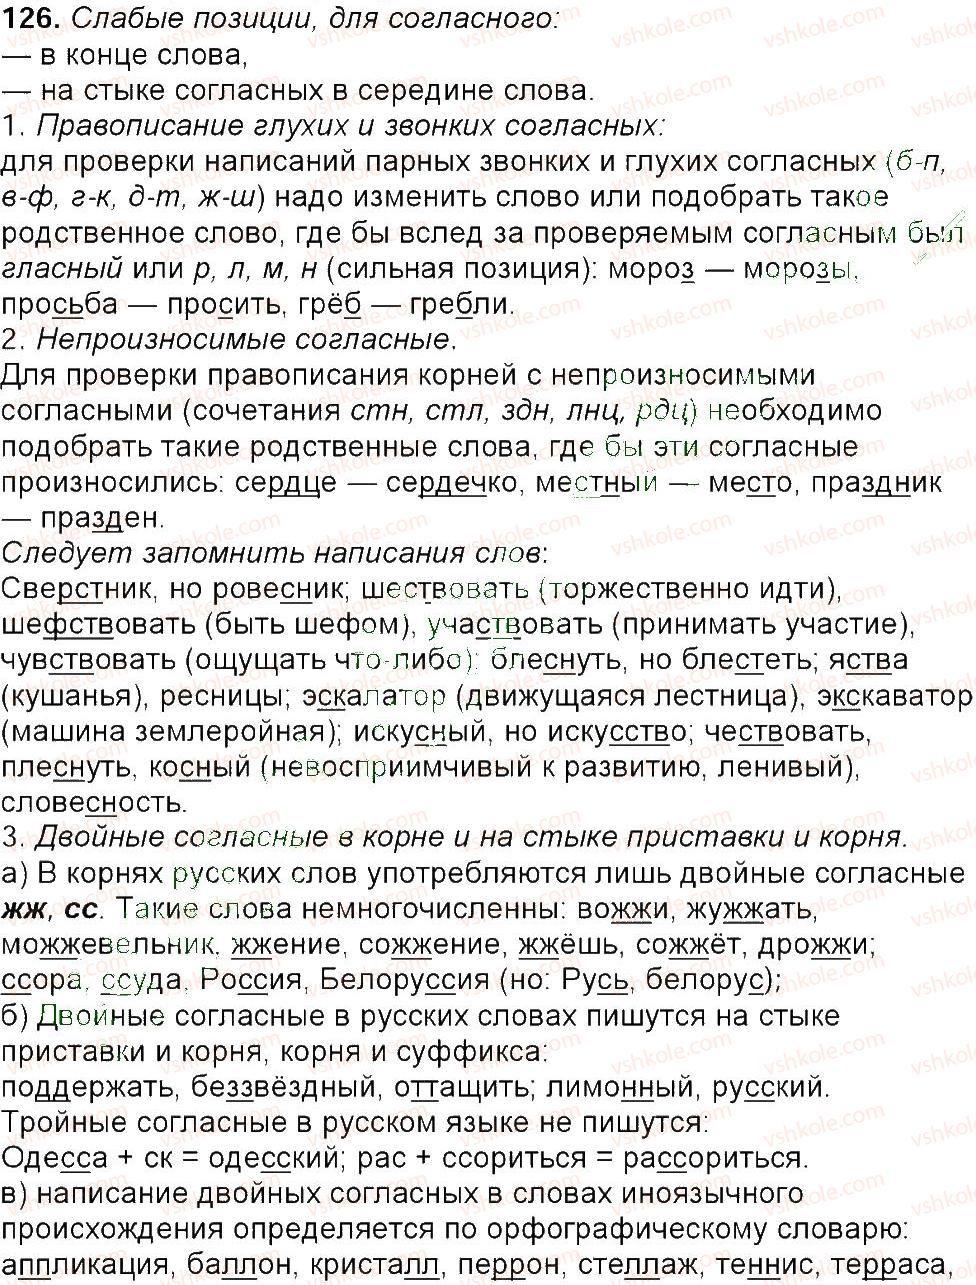 6-russkij-yazyk-tm-polyakova-ei-samonova-am-prijmak-2014--uprazhneniya-3-150-126.jpg